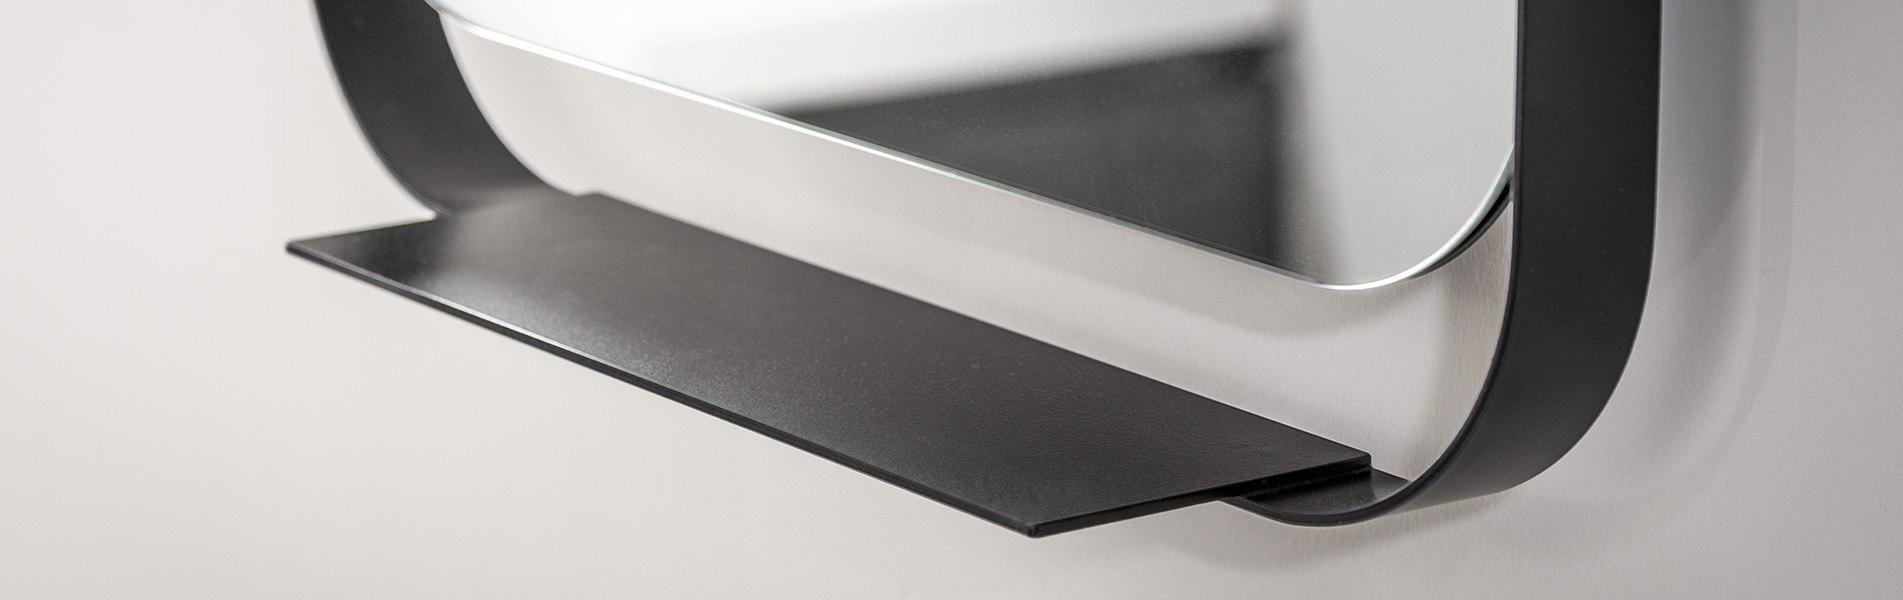 Detail van badkamer spiegel met zwarte lijst. Deze rechthoekige badkamerspiegel is draaibaar. Tijdloos B DUTCH design.